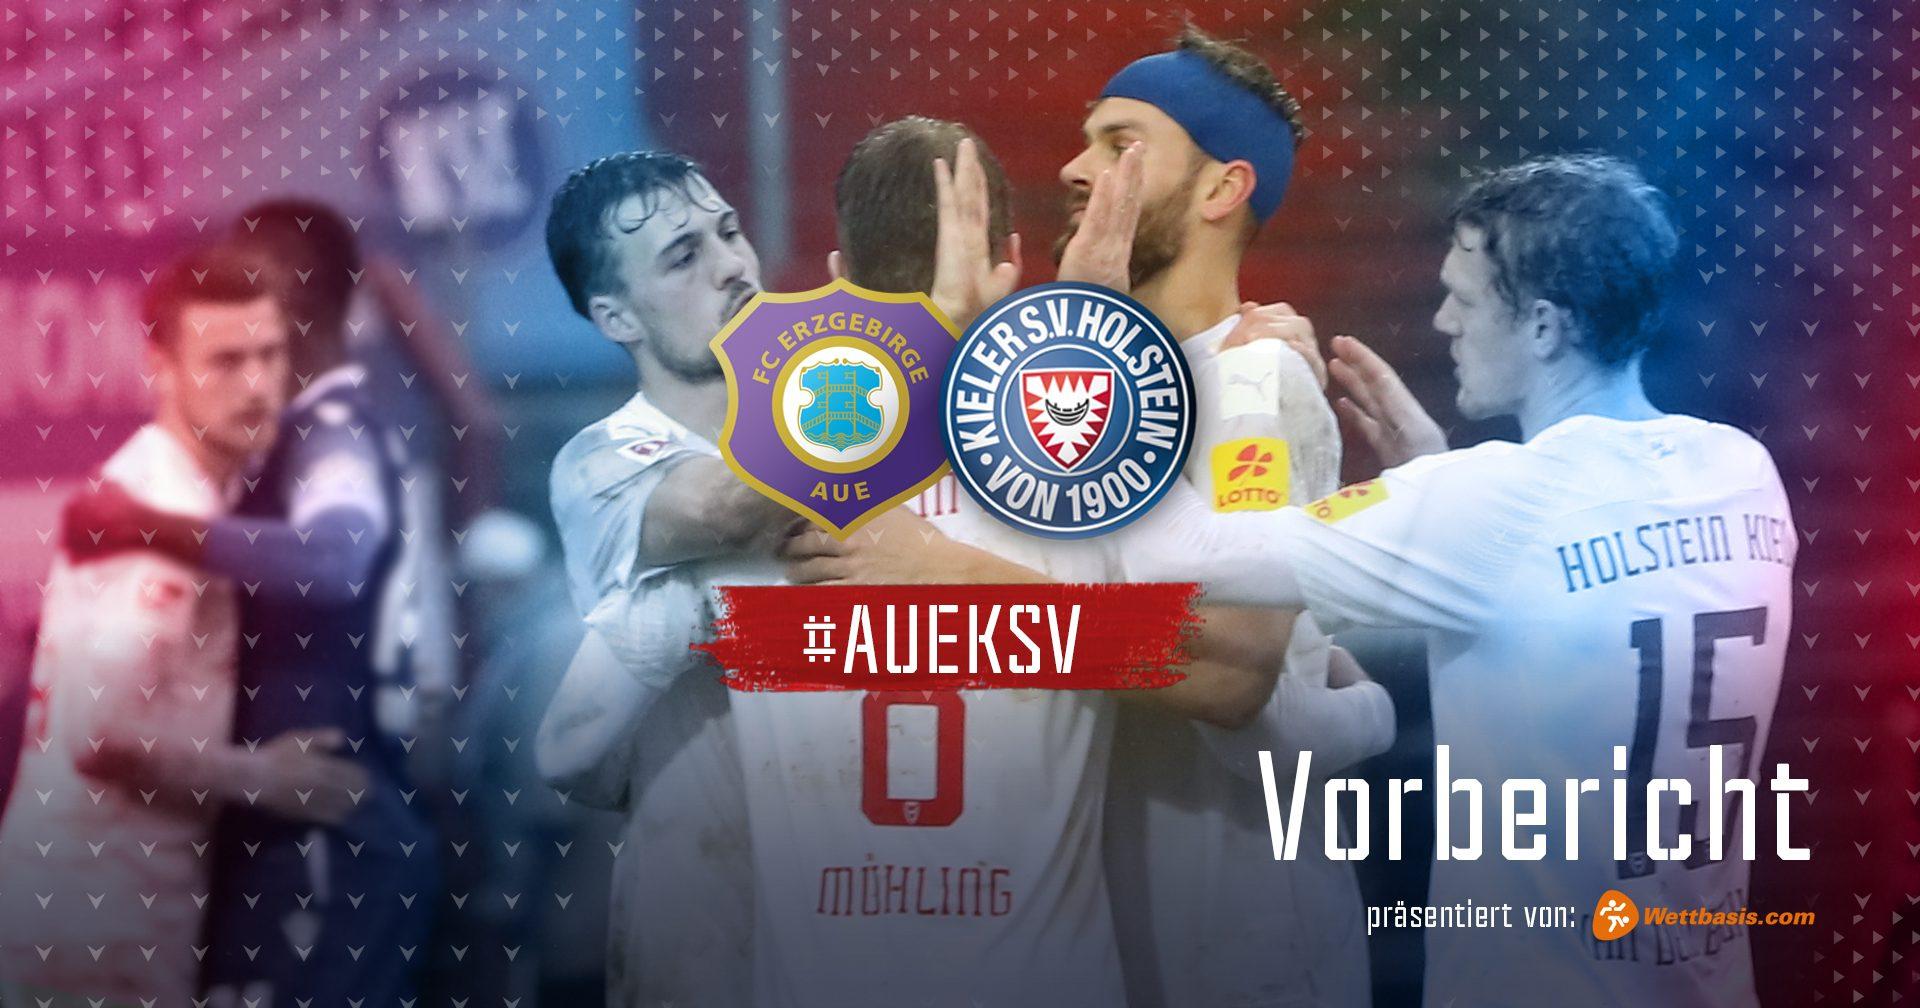 Vorbericht_AUEKSV